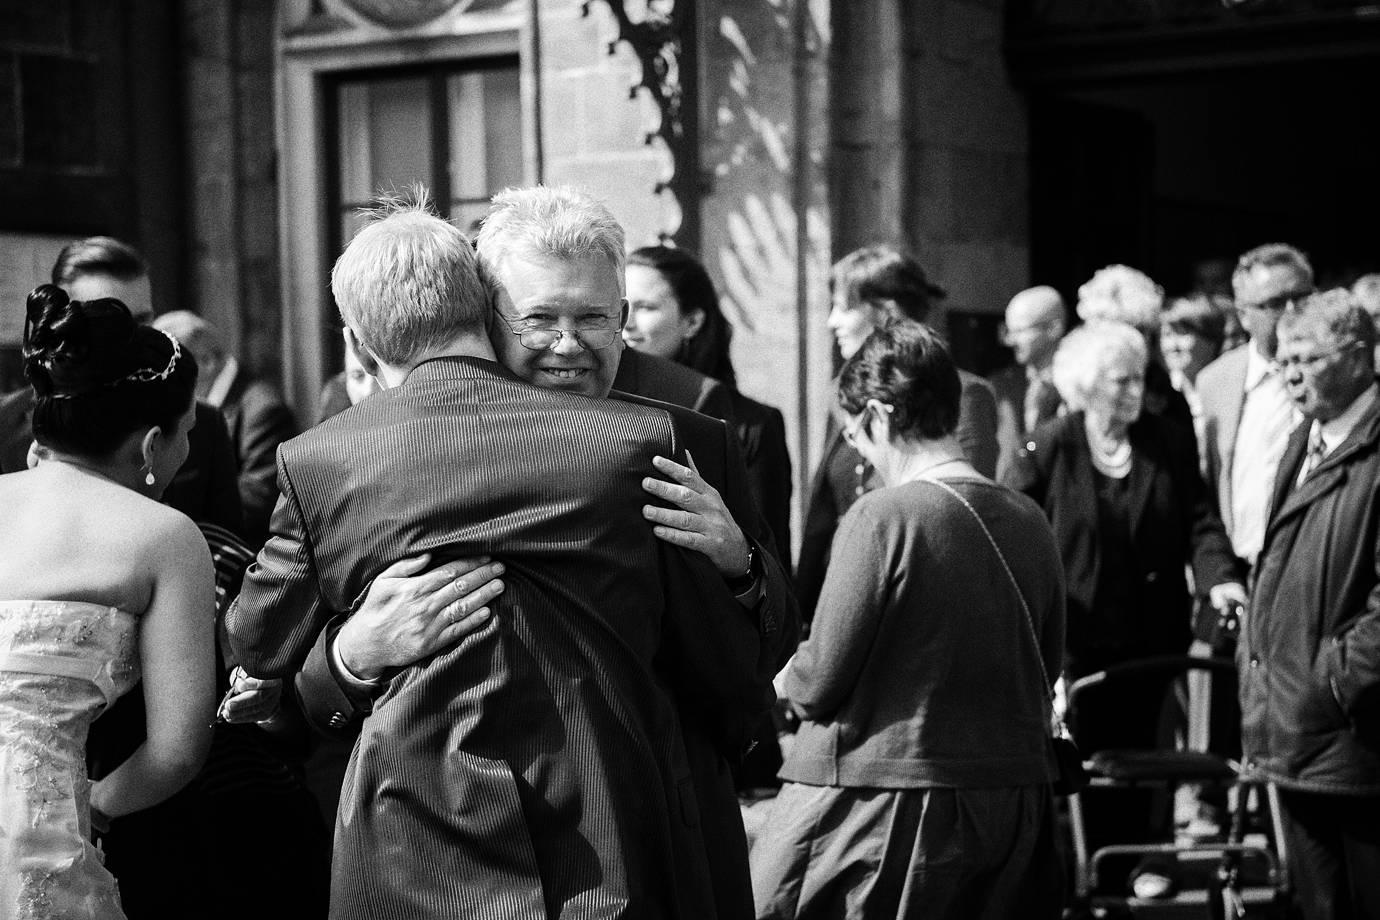 hochzeitsfotograf bremen 036 - Mareike+Lasse